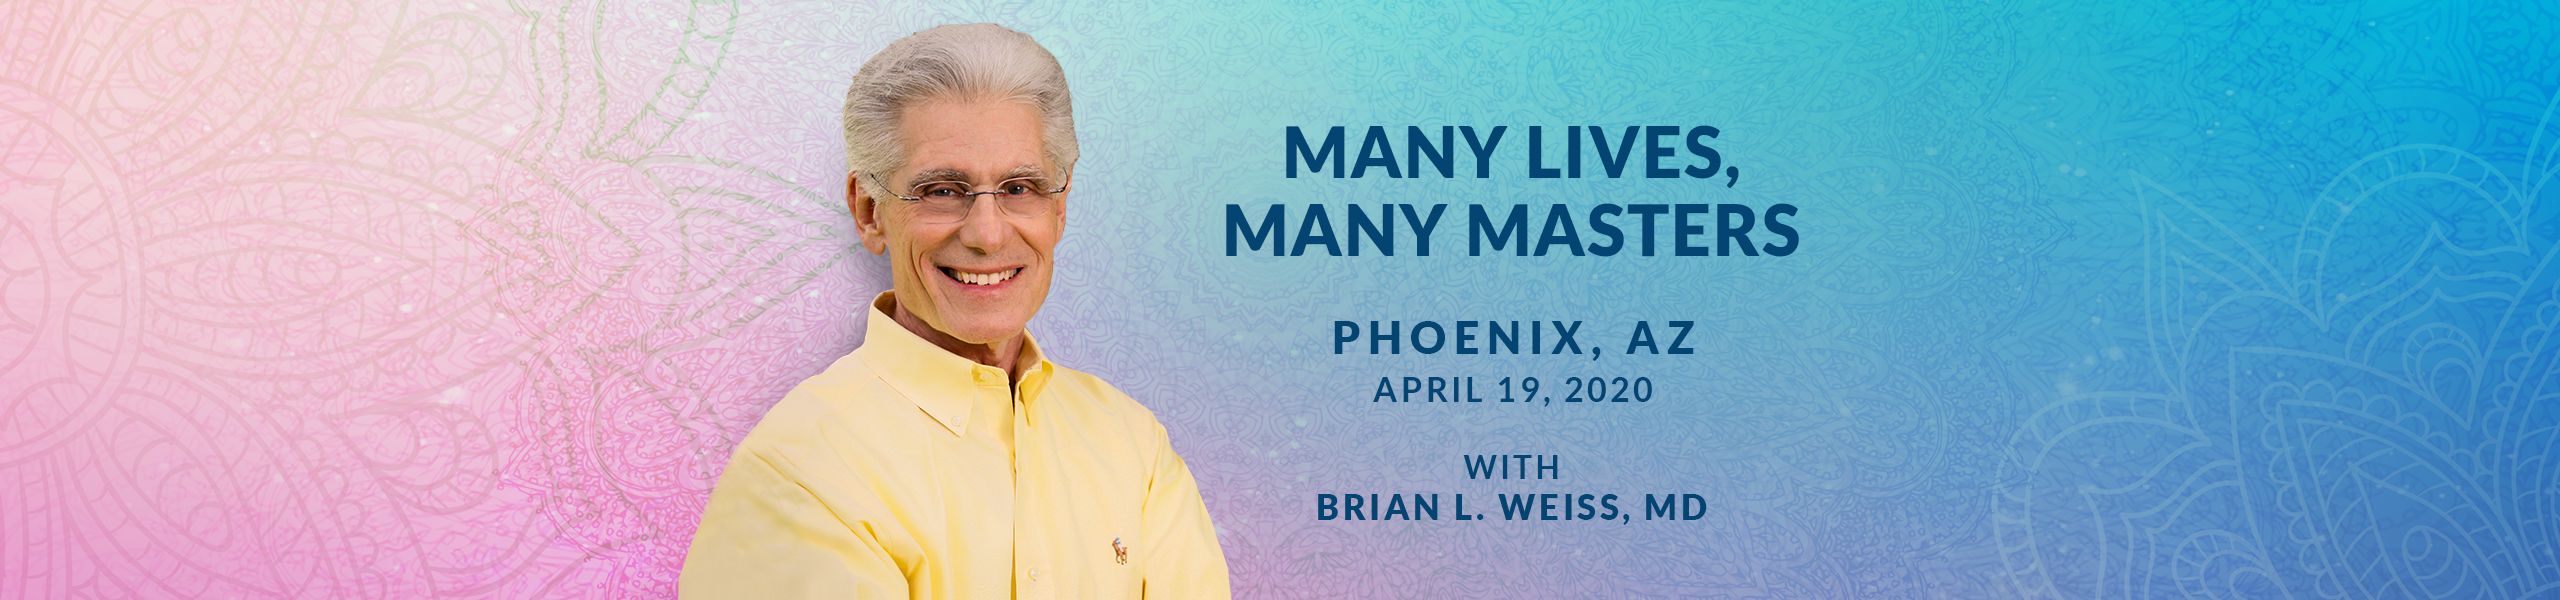 Many Lives, Many Masters 2020 Phoenix